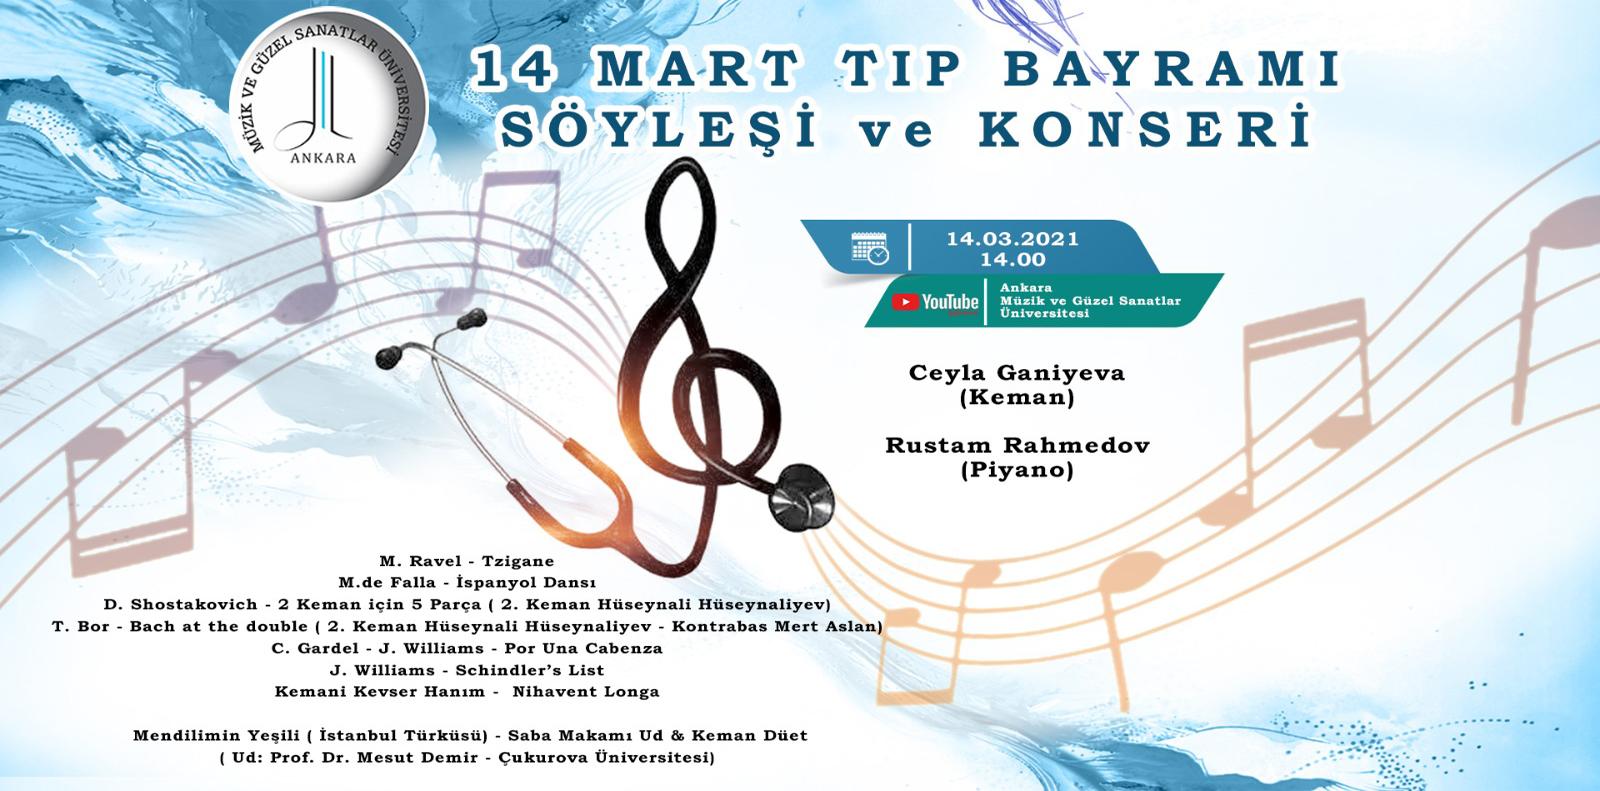 14 Mart Tıp Bayramı Söyleşi ve Konseri